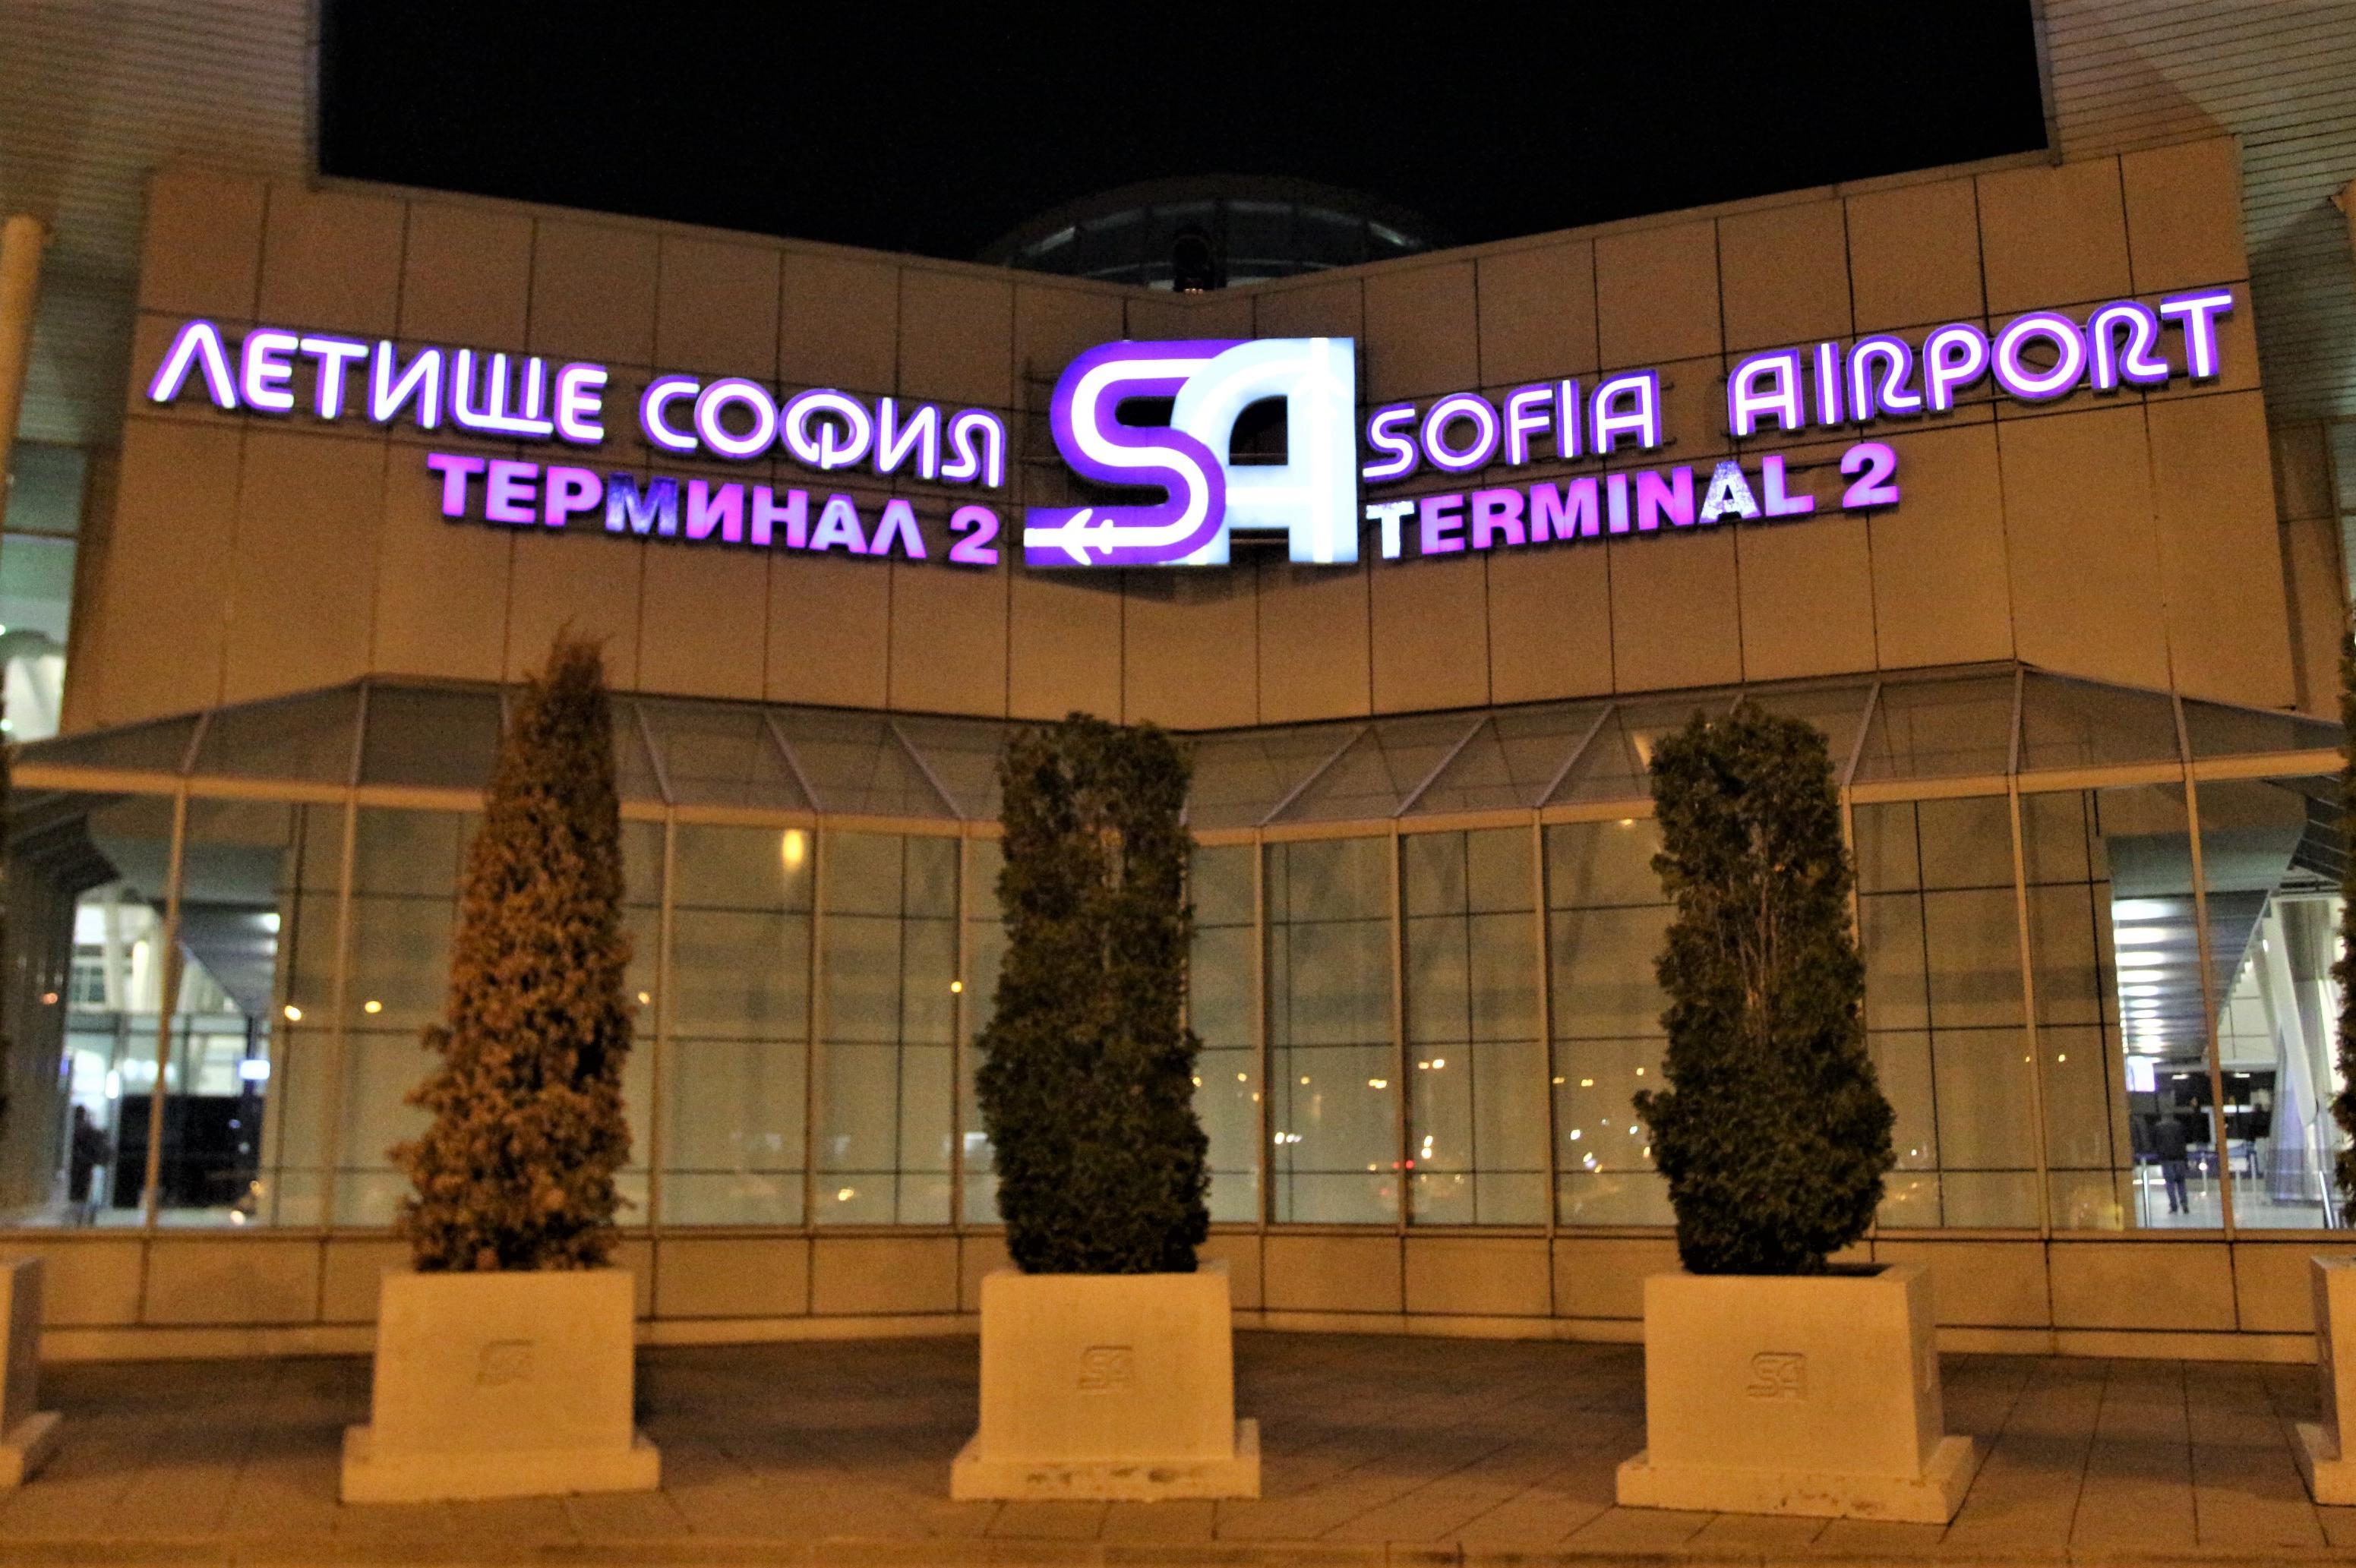 Новините в София за деня 4 юли 2020 г.